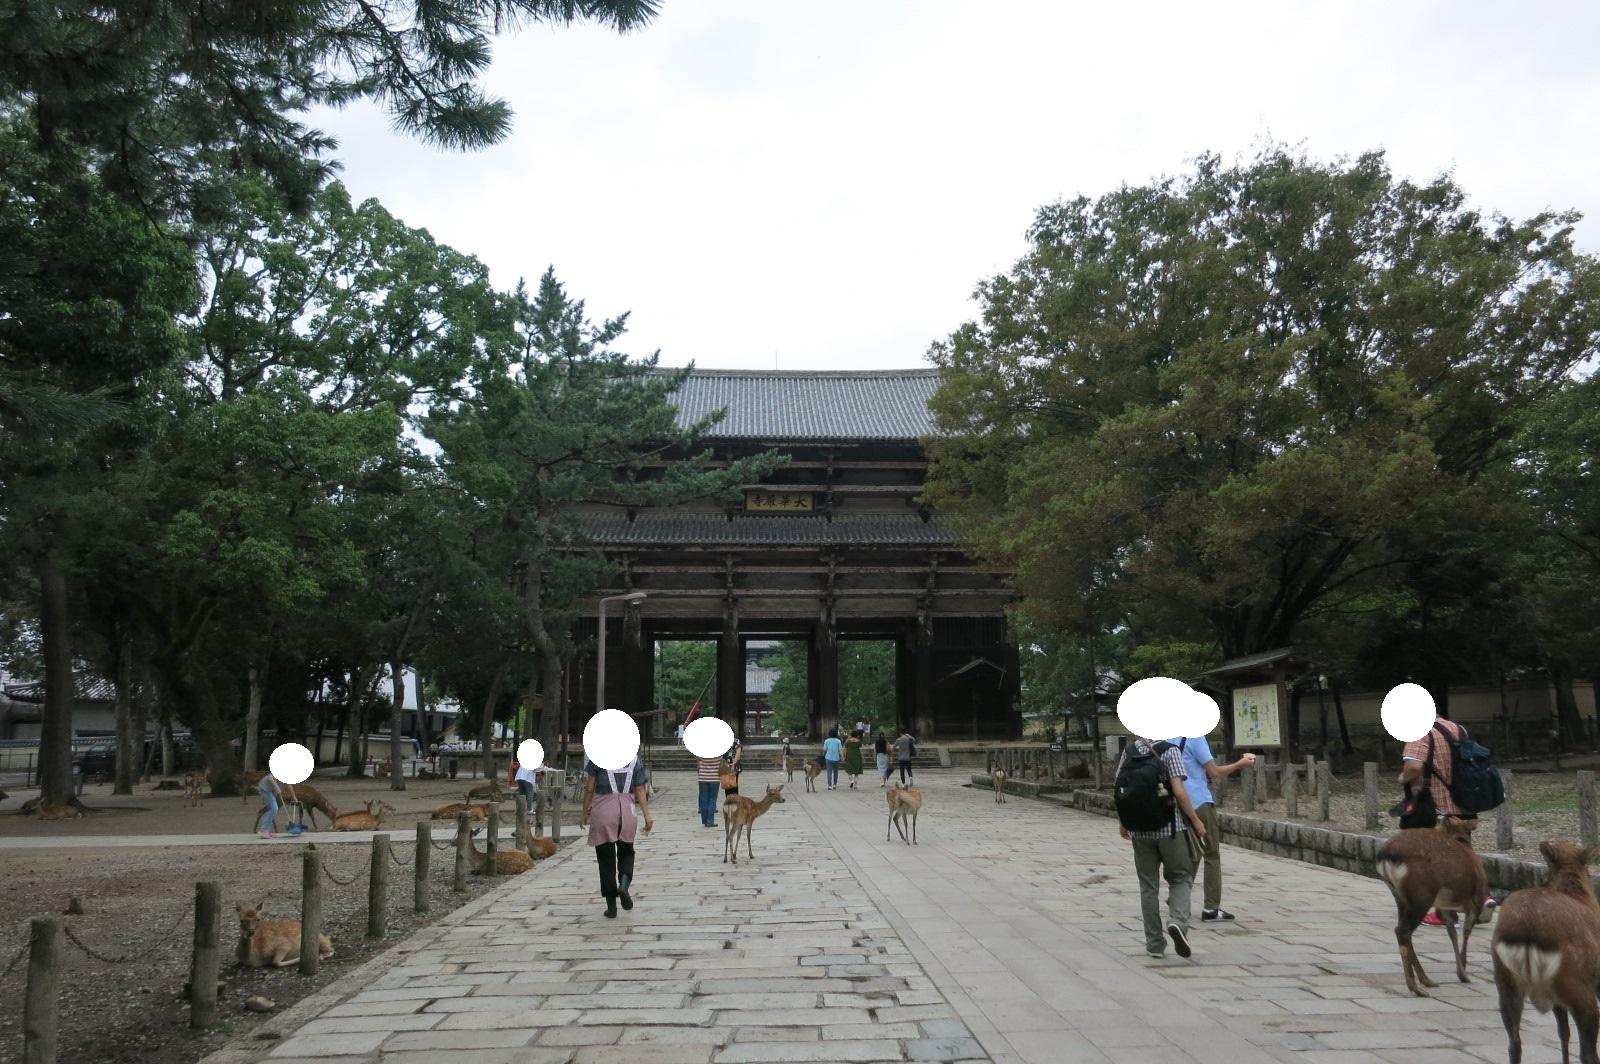 東大寺入り口に到着。南大門が見えます。